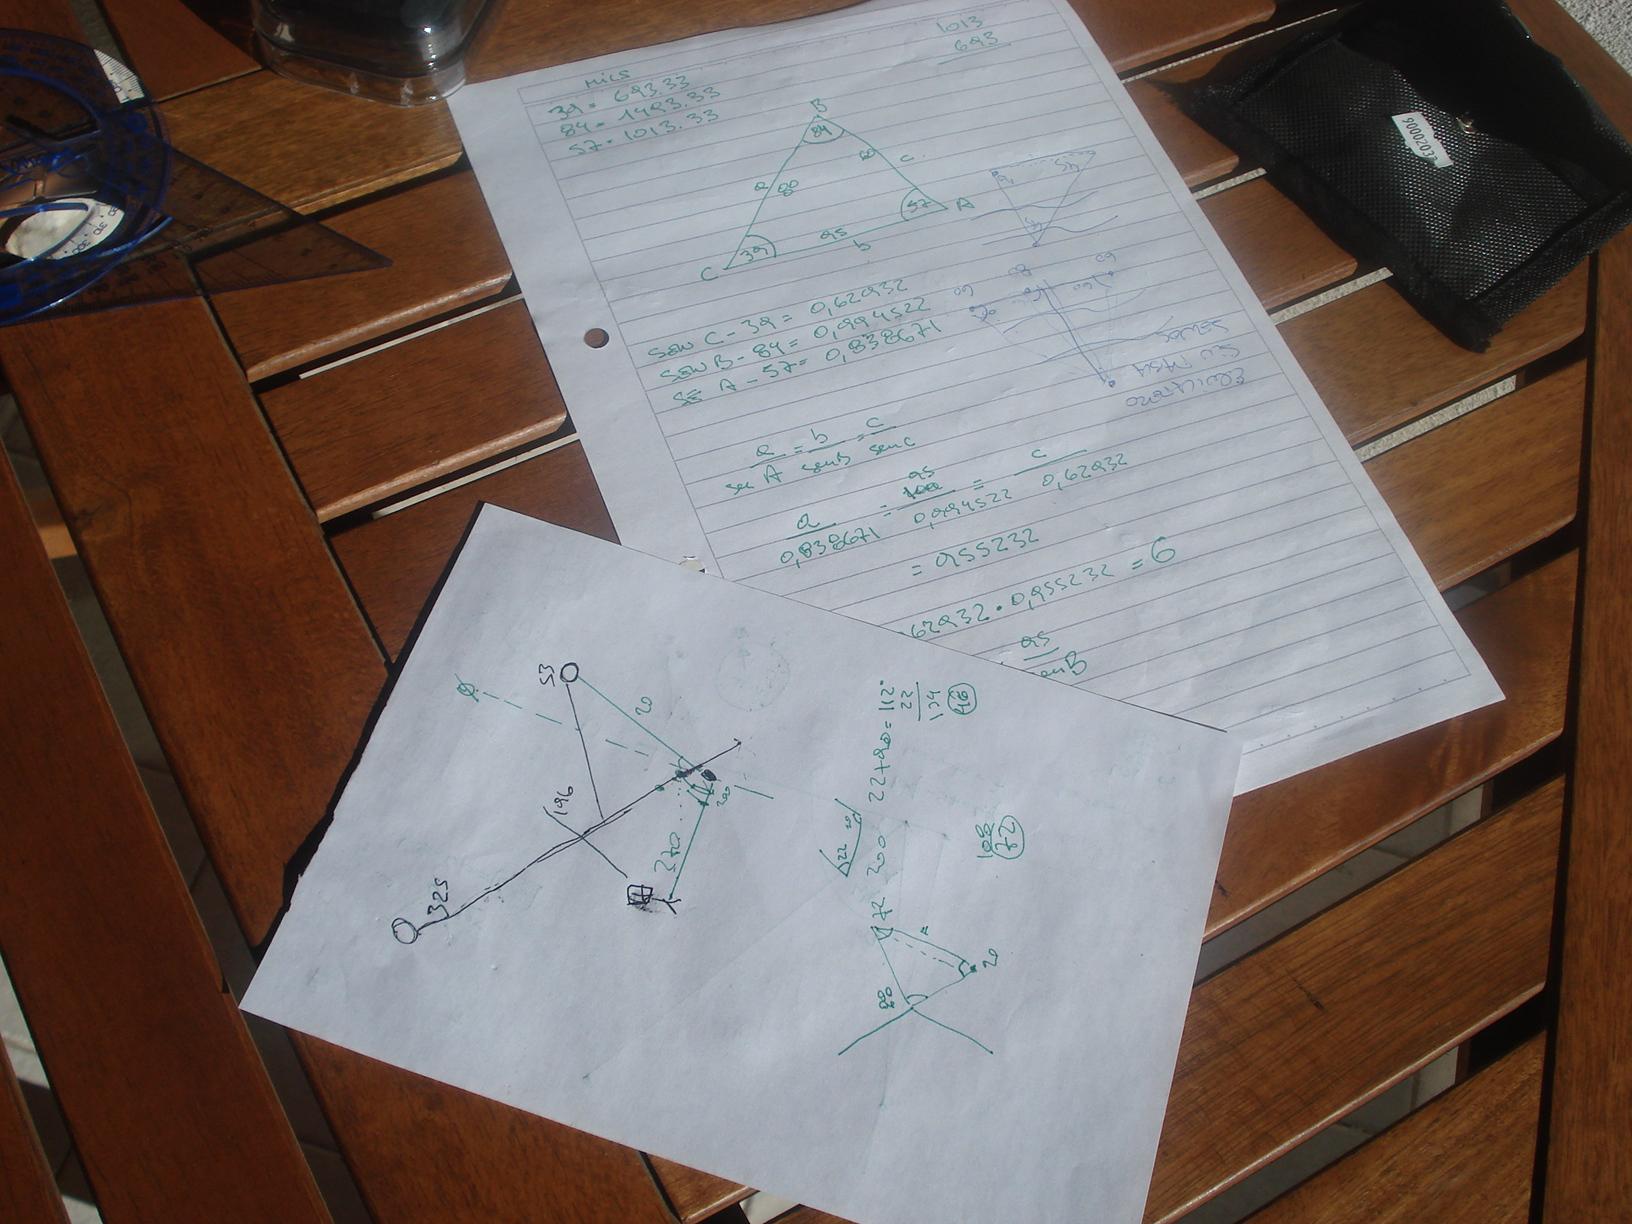 Un pequeño kit de brújulas, protractors (compases) y reglas de escala... y algo más. DSC00451